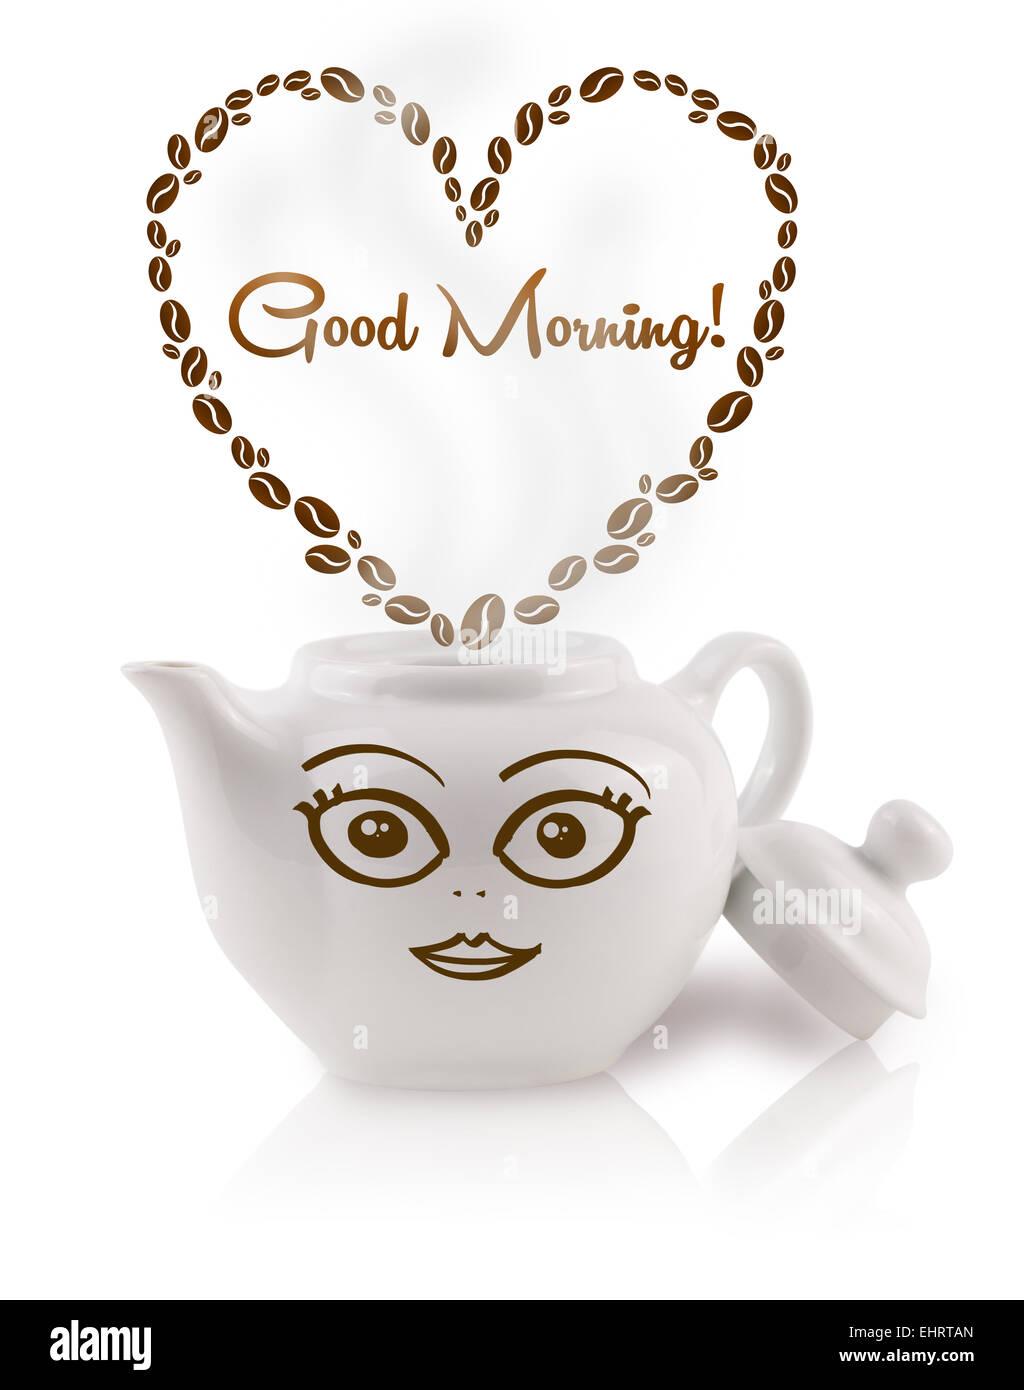 Kaffeekanne Mit Kaffeebohnen Förmigen Herzen Mit Guten